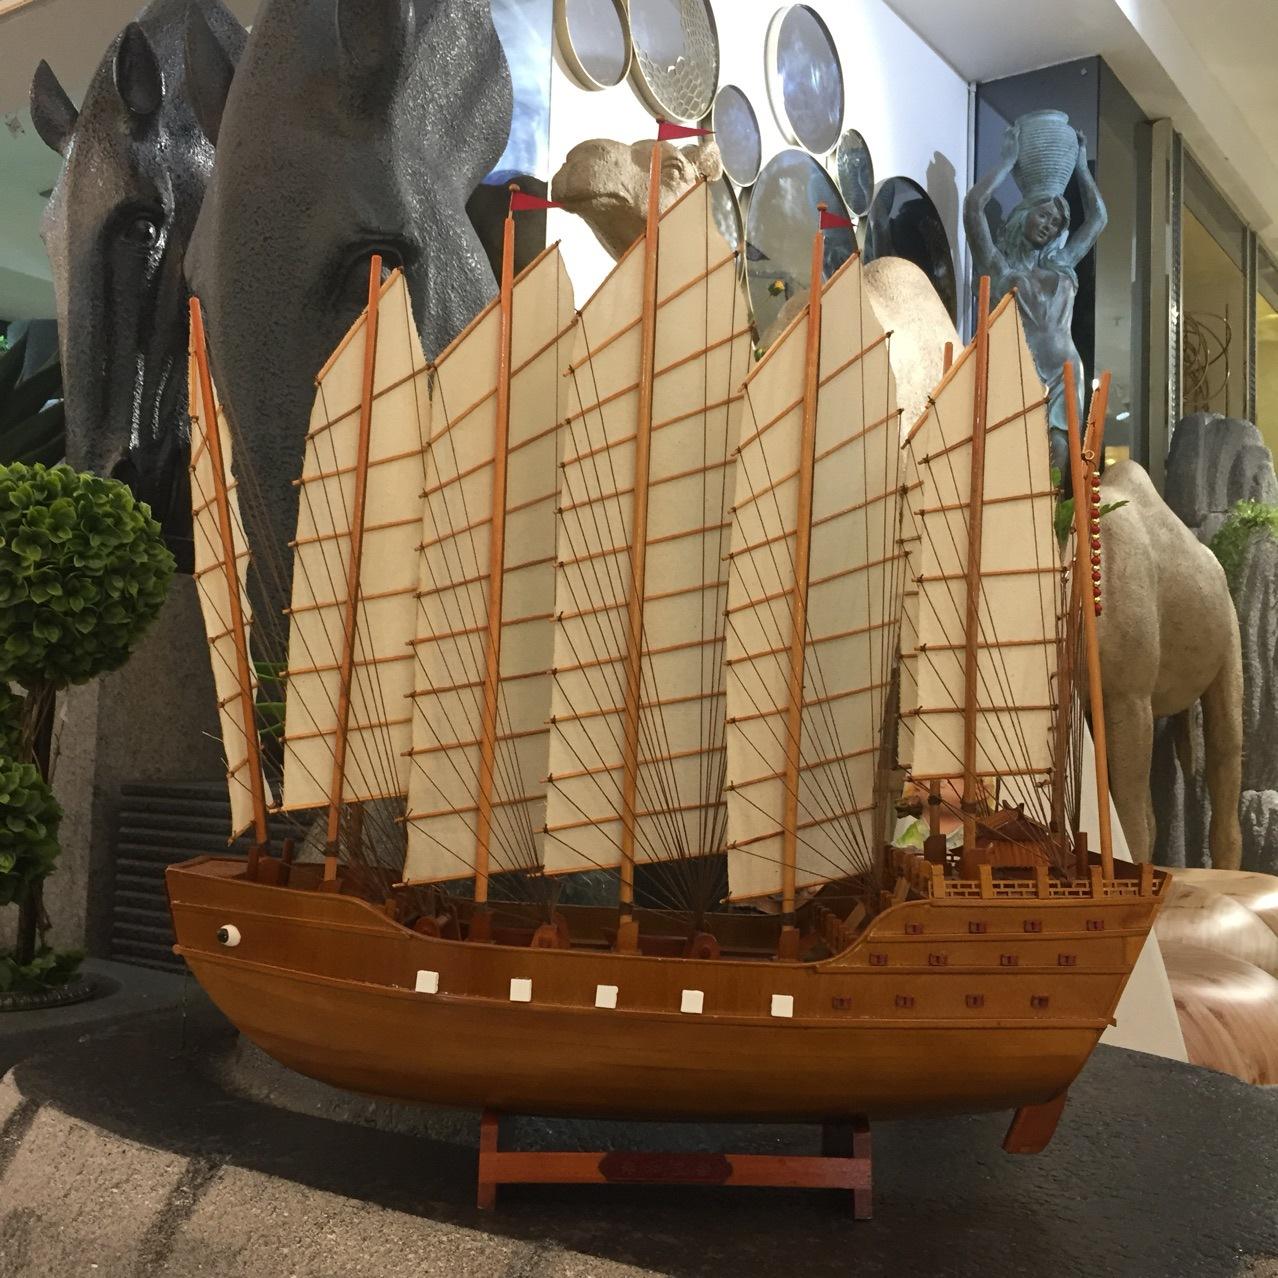 实木郑和宝船纯手工帆船模型中式工艺船家居博物馆展品收藏品礼品